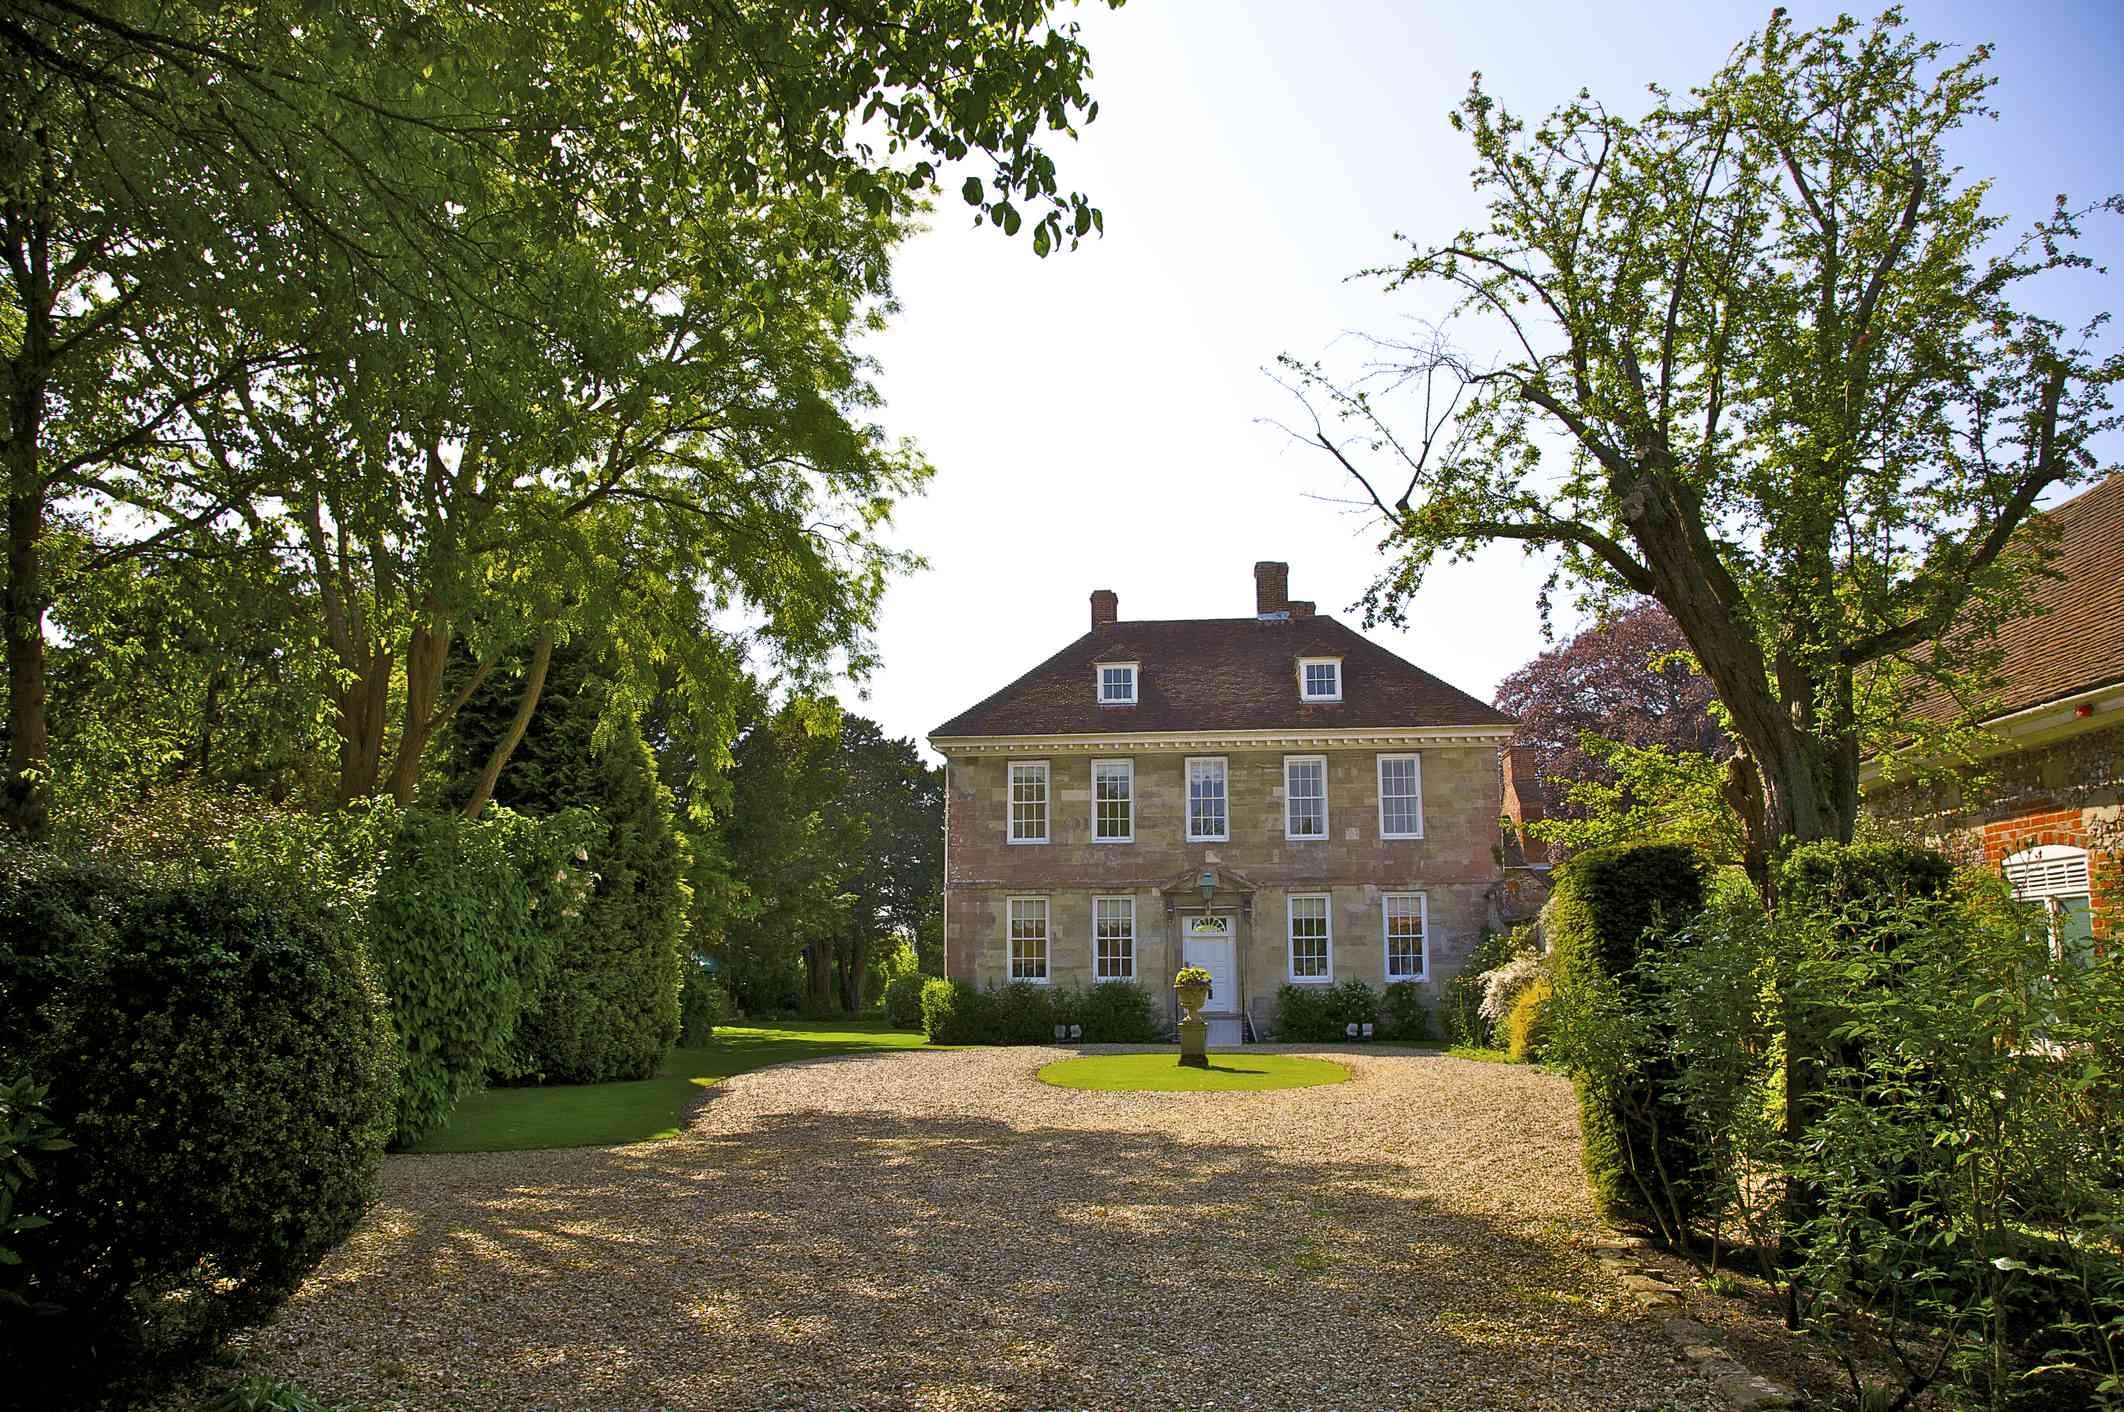 Arundells, Home of former prime minister Sir Edward Heath, Salisbury, United Kingdom